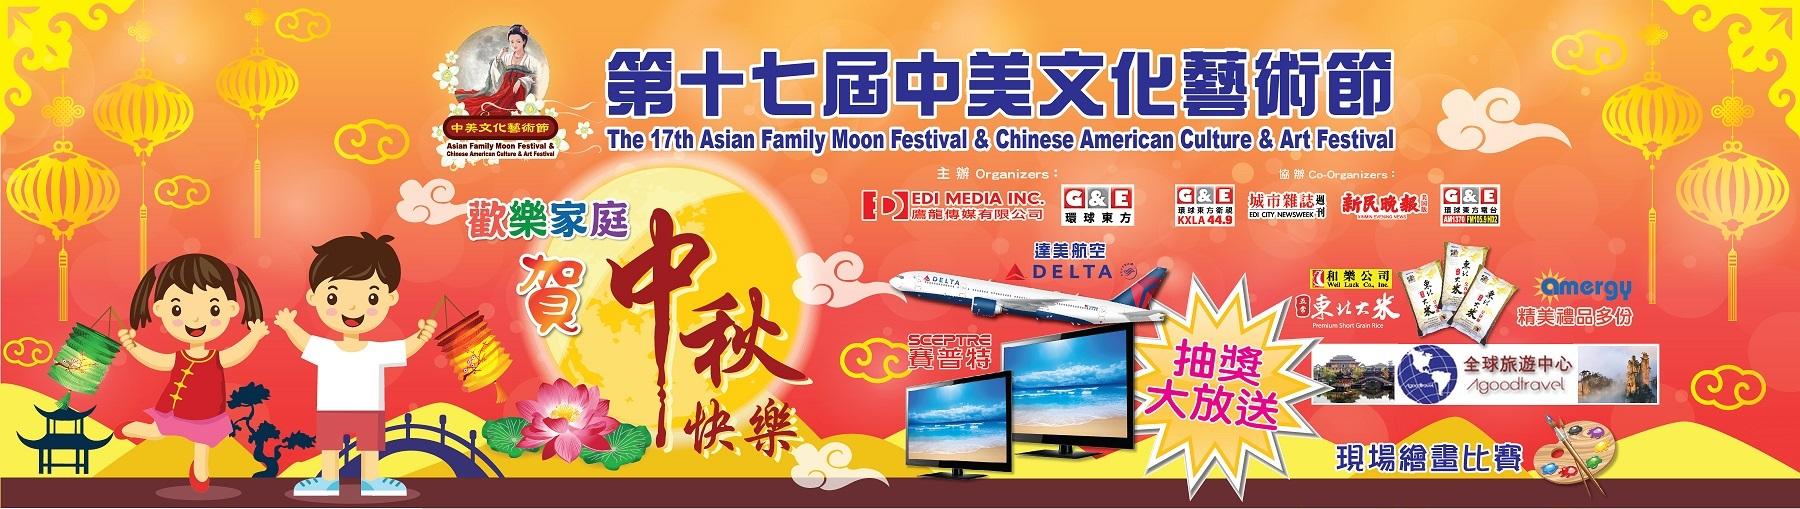 2016_歡樂家庭賀中秋Stage_Banner_24x10_20160910_review_withlogo